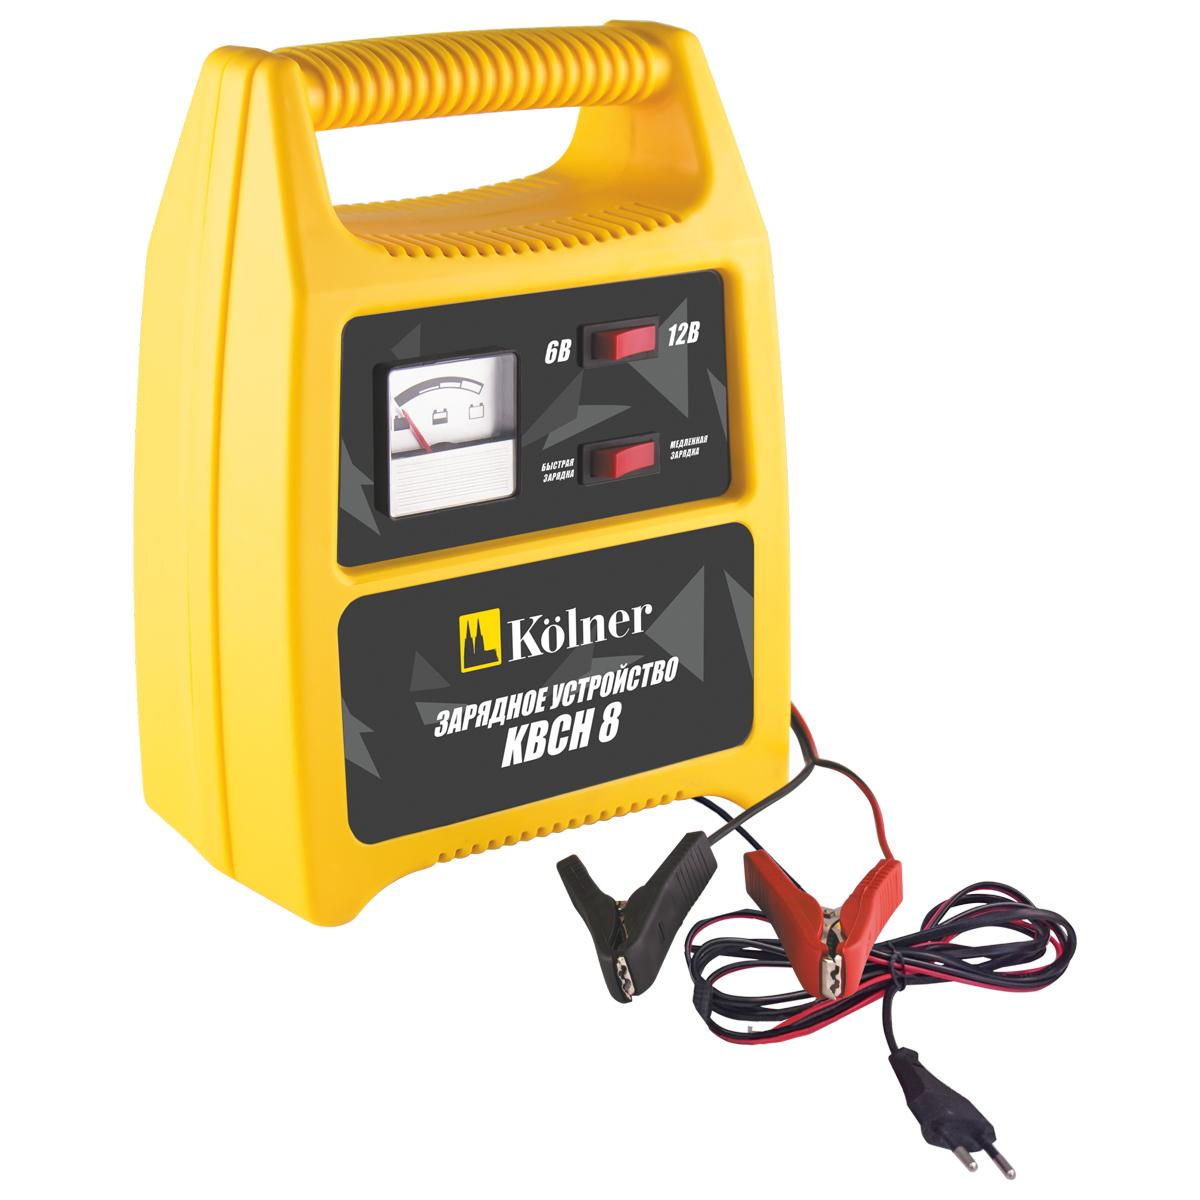 Зарядное устройство для аккумуляторов Kolner KBCН 8кн8кбсНапряжение сети - 220 В ±10% Частота - 50 Гц Выходное напряжение - 6 В / 12 В Максимальный выходной ток - 8 А Длина сетевого кабеля - 1,5 м